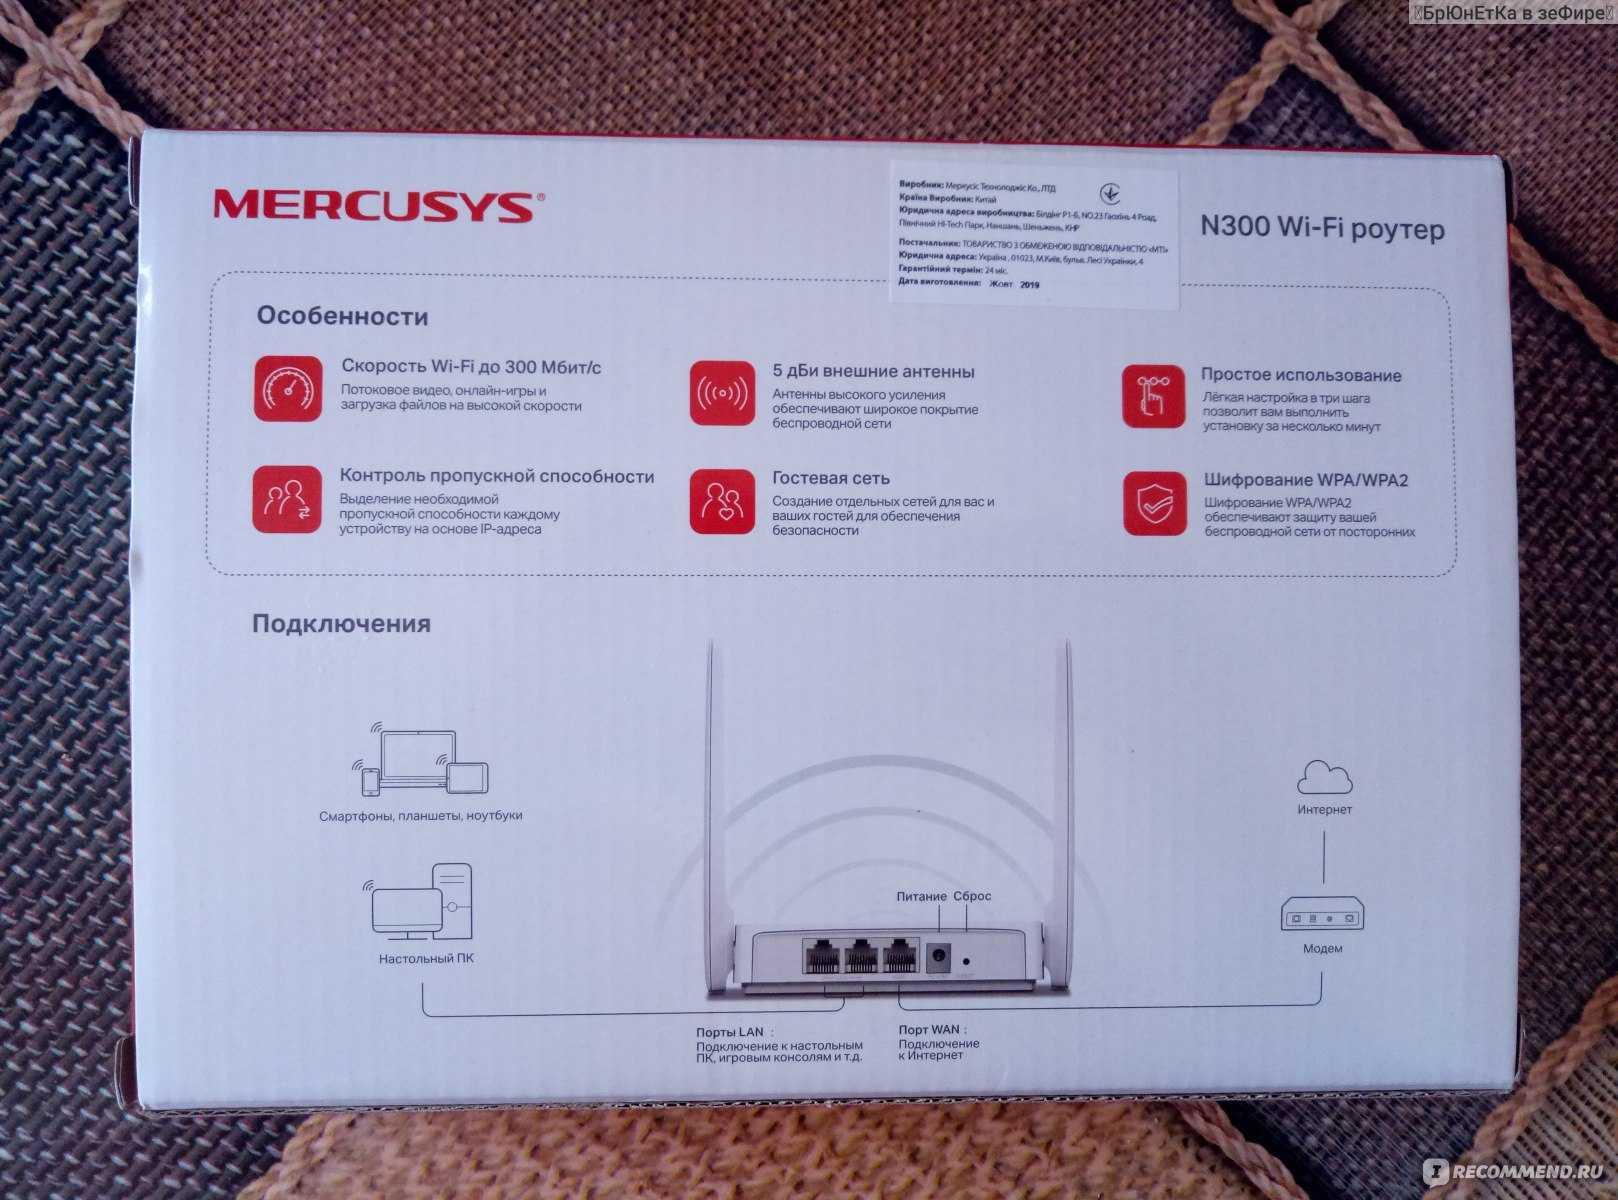 Ищете хороший роутер с быстрым вайфаем, но недорого? кажется, нашёл: обзор mercusys mr50g